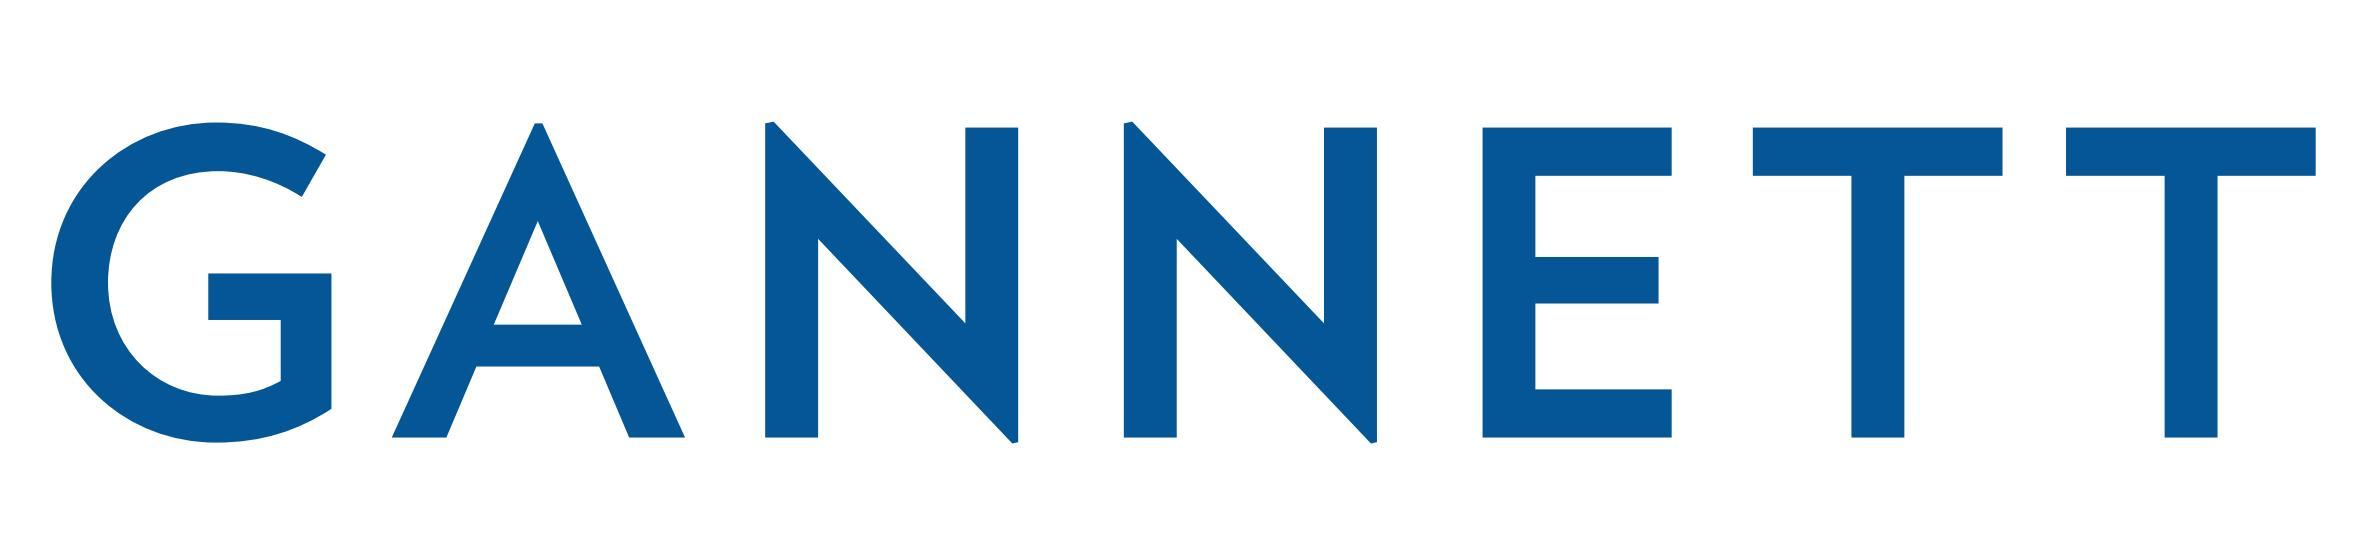 Gannett Company Logo [EPS File] png